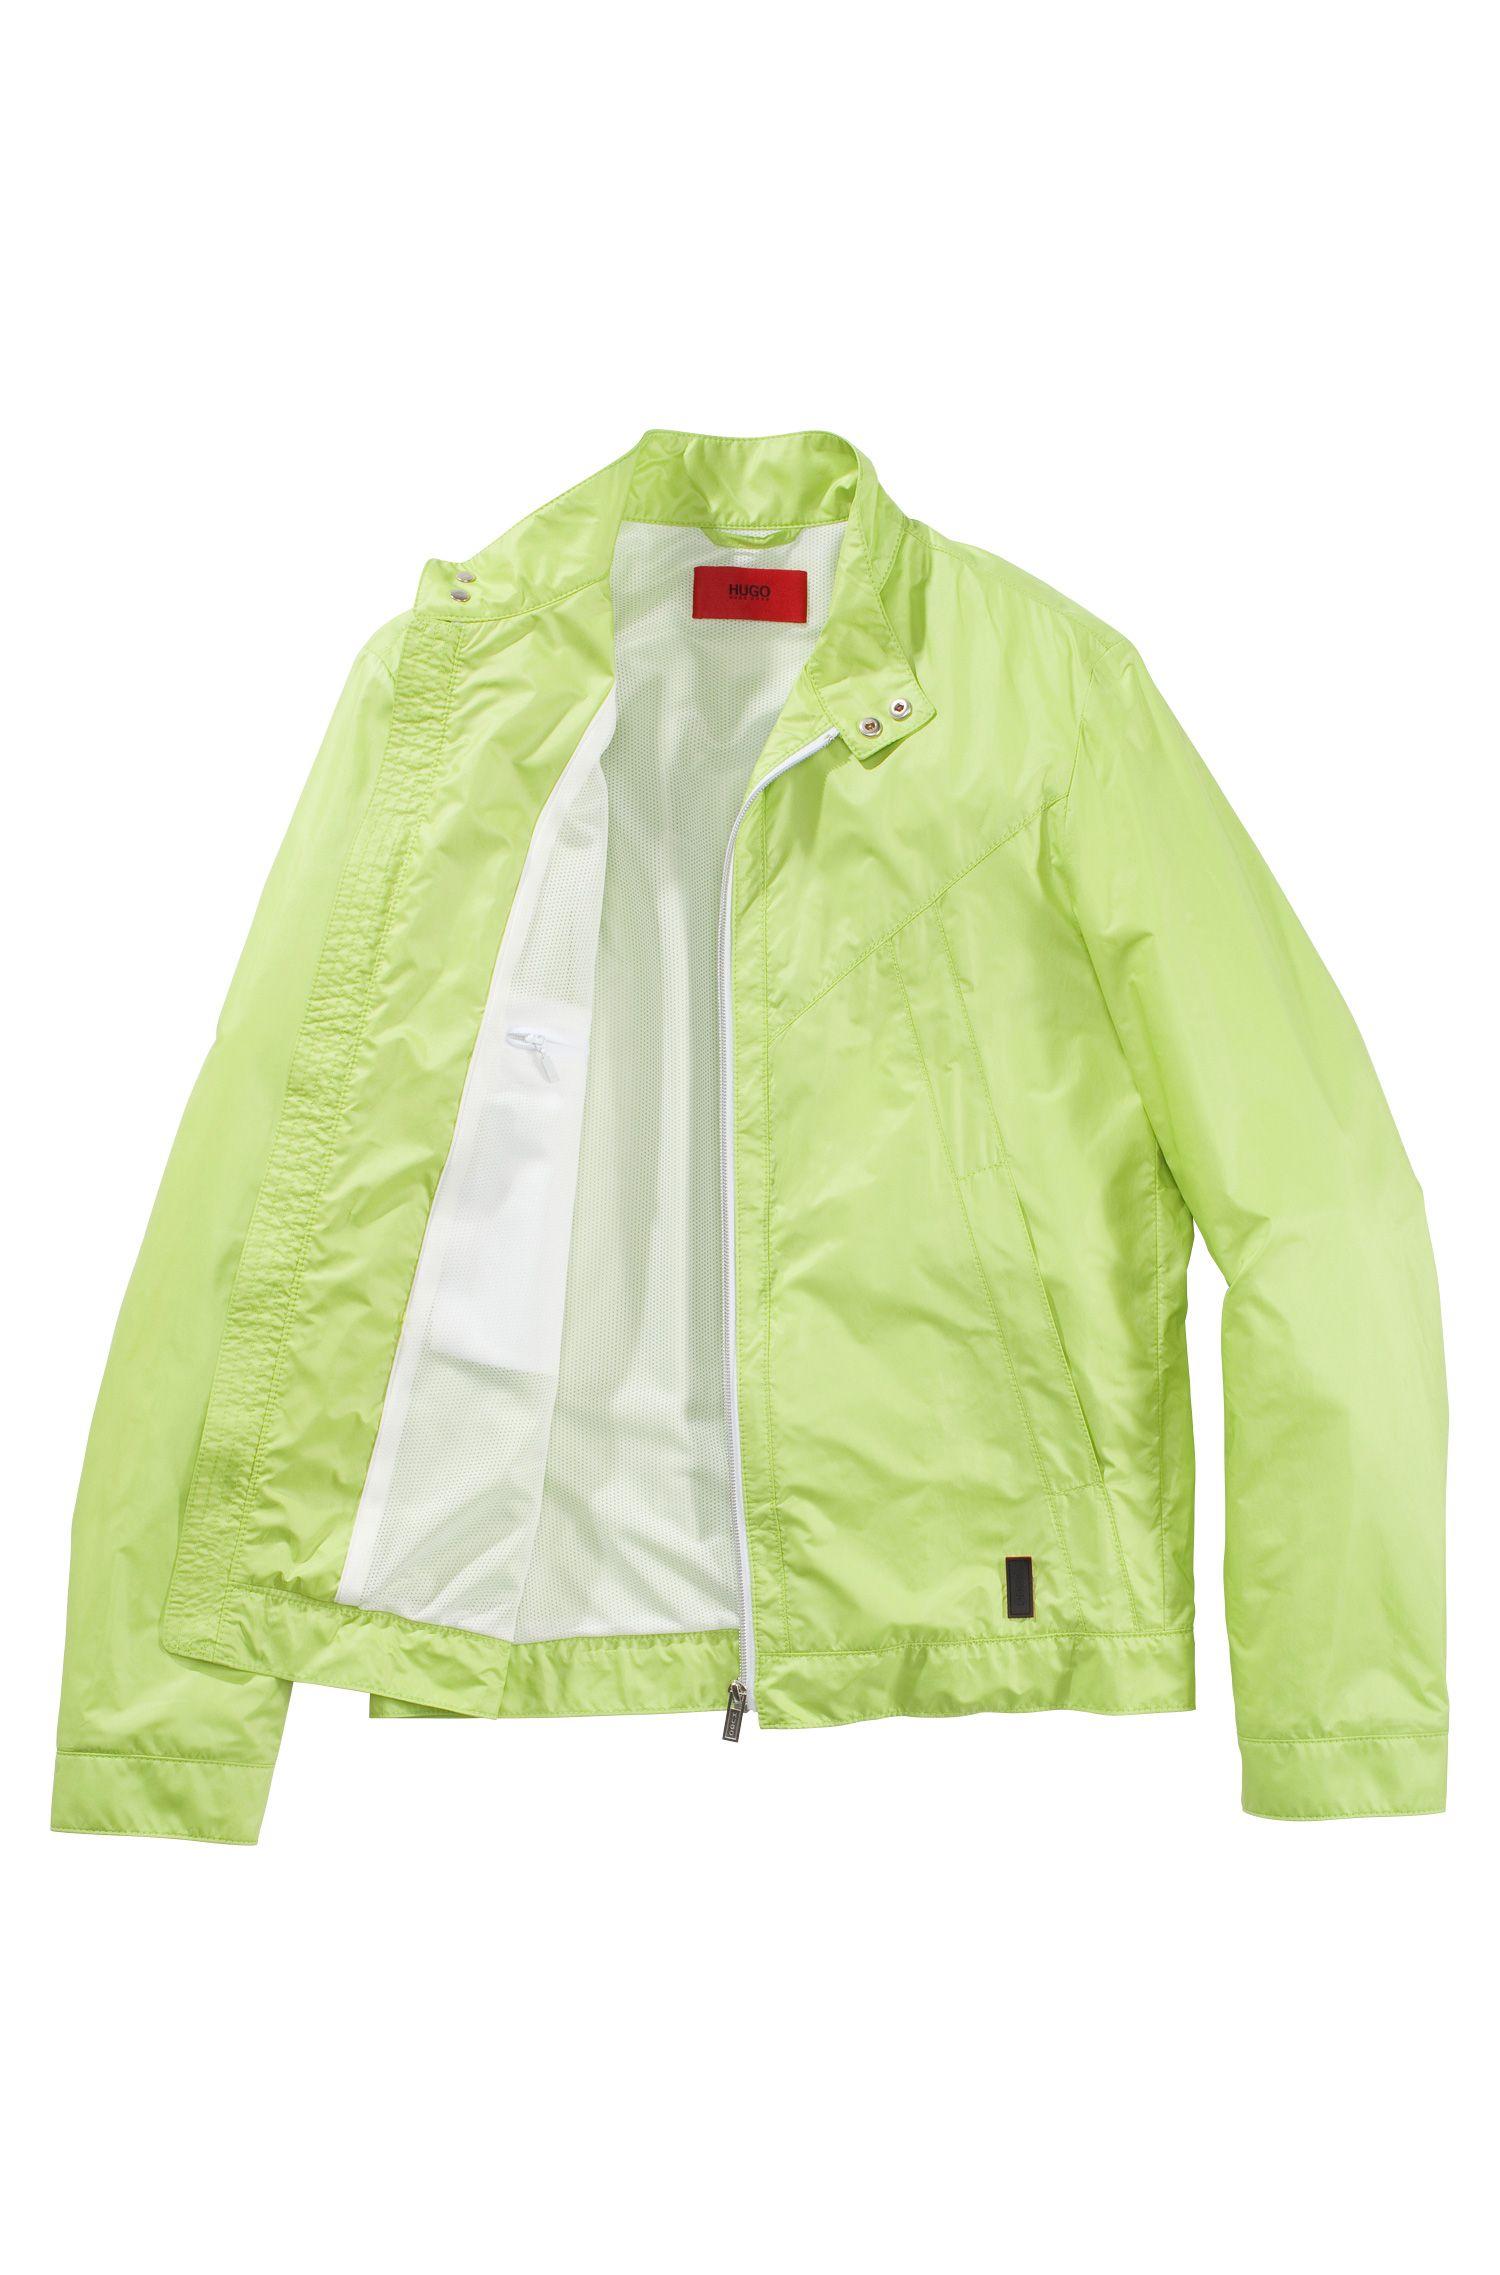 Outdoor-Jacke ´Brunos` aus leichtem Material